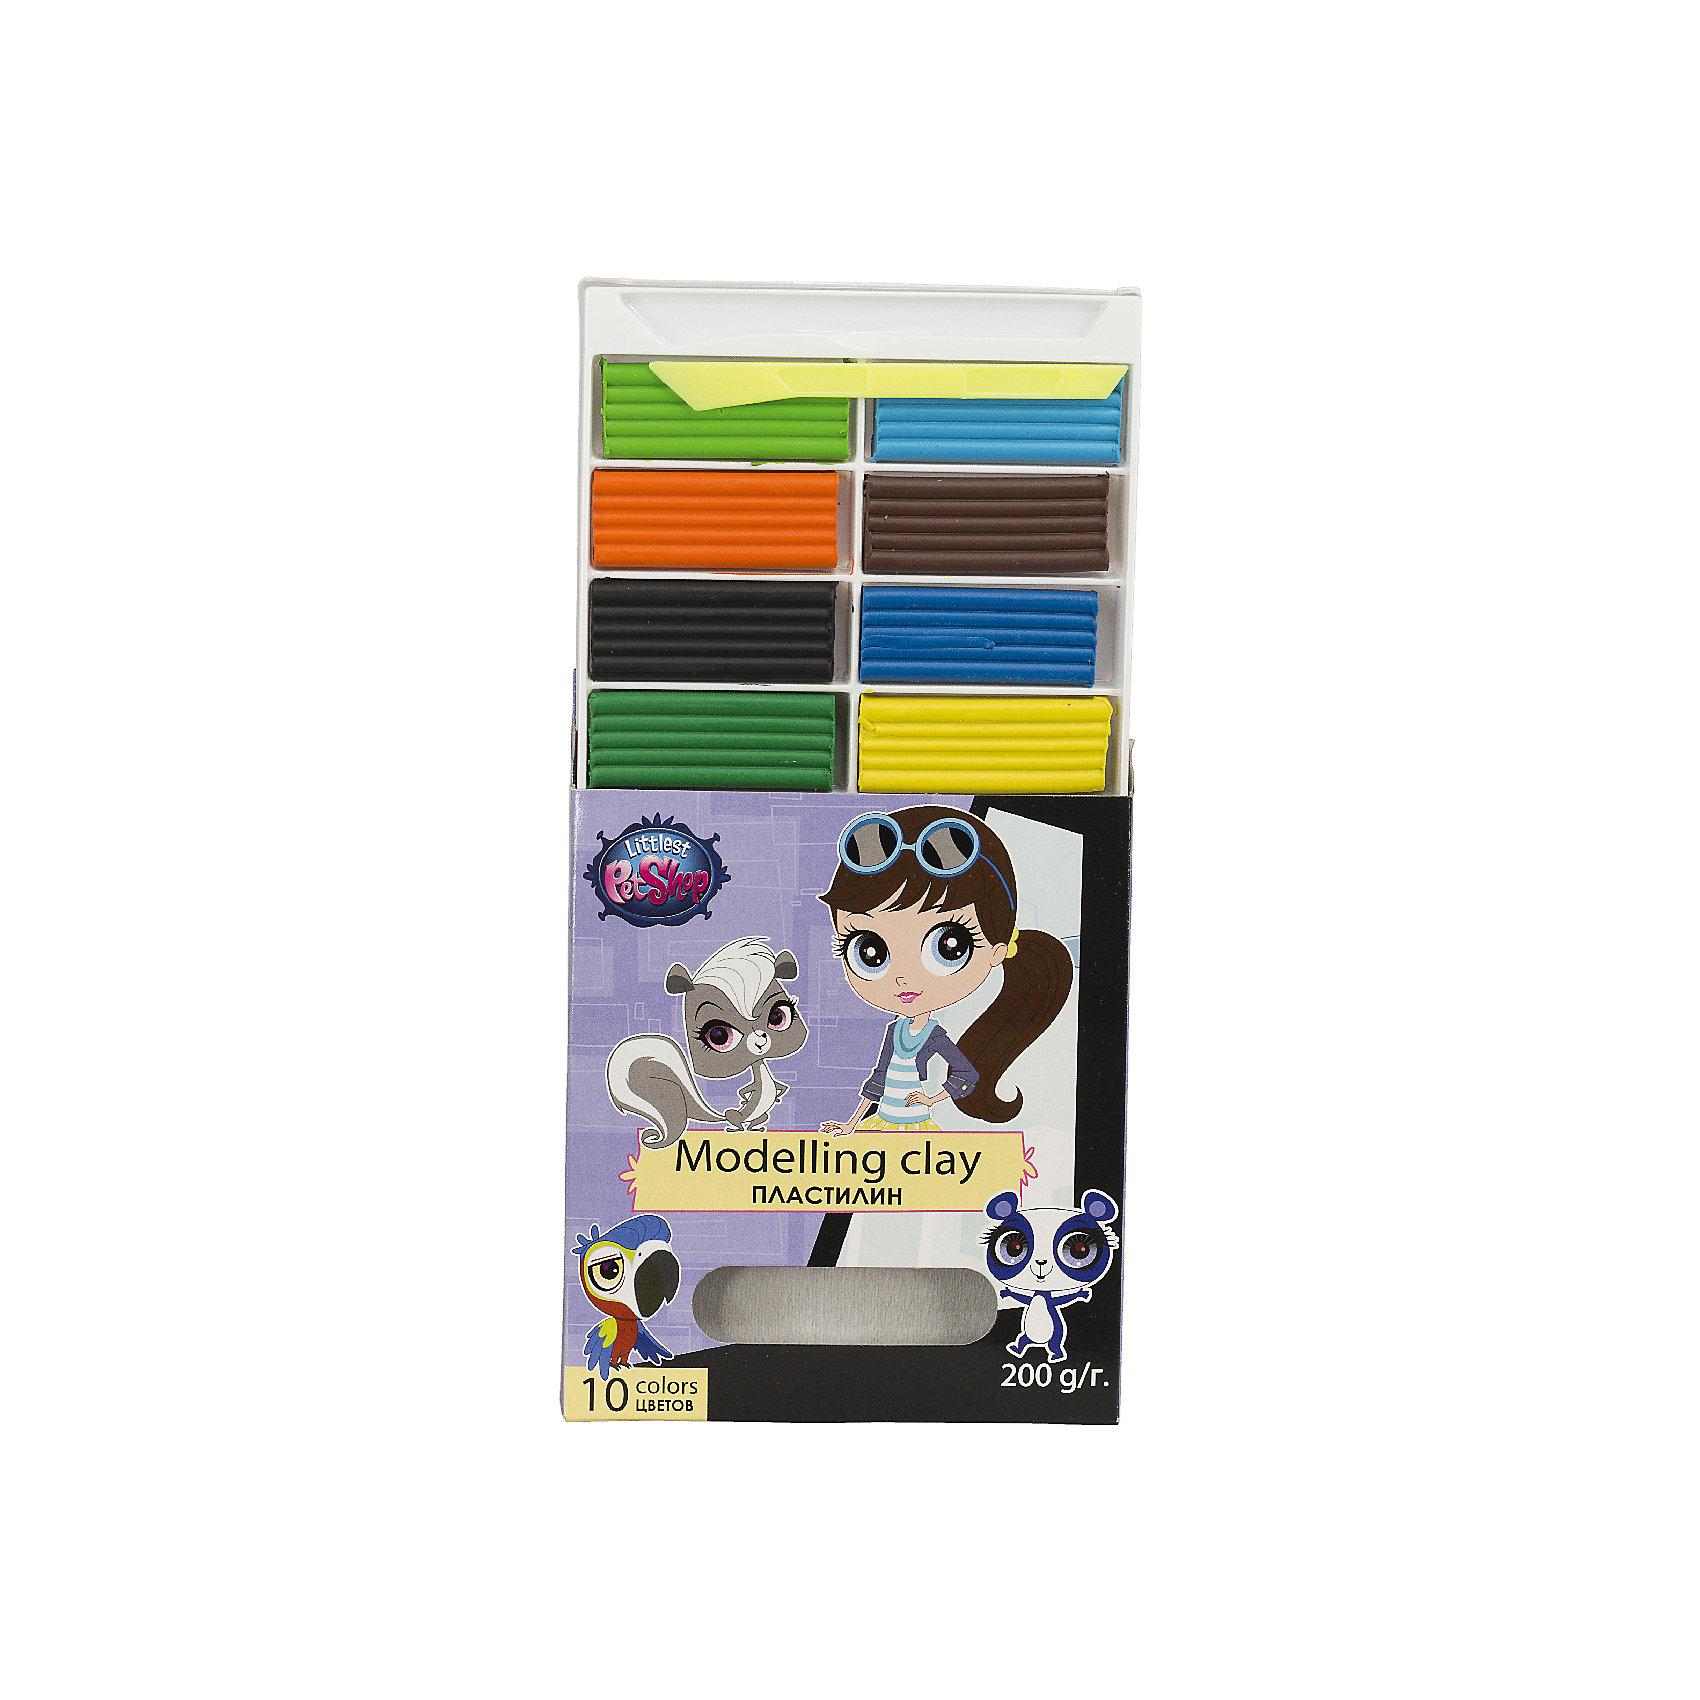 Пластилин Littlest Pet Shop 10 цветовLittlest Pet Shop<br>Пластилин способствует развитию мелкой моторики, творческого и пространственного мышления ребенка. Набор пластилина состоит из 10 ярких цветов, 20 гр. на каждый цвет. С ним приятно работать и воплощать свои творческие фантазии. Пластилин упакован в картонную коробку.<br><br>Дополнительная информация:<br><br>Размер: 15,2 х 13,5 х 2 см. Пластилин, 10 цветов. Вес - 20 г на каждый цвет.<br><br>Пластилин Littlest Pet Shop (Маленький зоомагазин) 10 цветов можно купить в нашем магазине.<br><br>Ширина мм: 152<br>Глубина мм: 135<br>Высота мм: 20<br>Вес г: 235<br>Возраст от месяцев: 48<br>Возраст до месяцев: 84<br>Пол: Женский<br>Возраст: Детский<br>SKU: 4140903